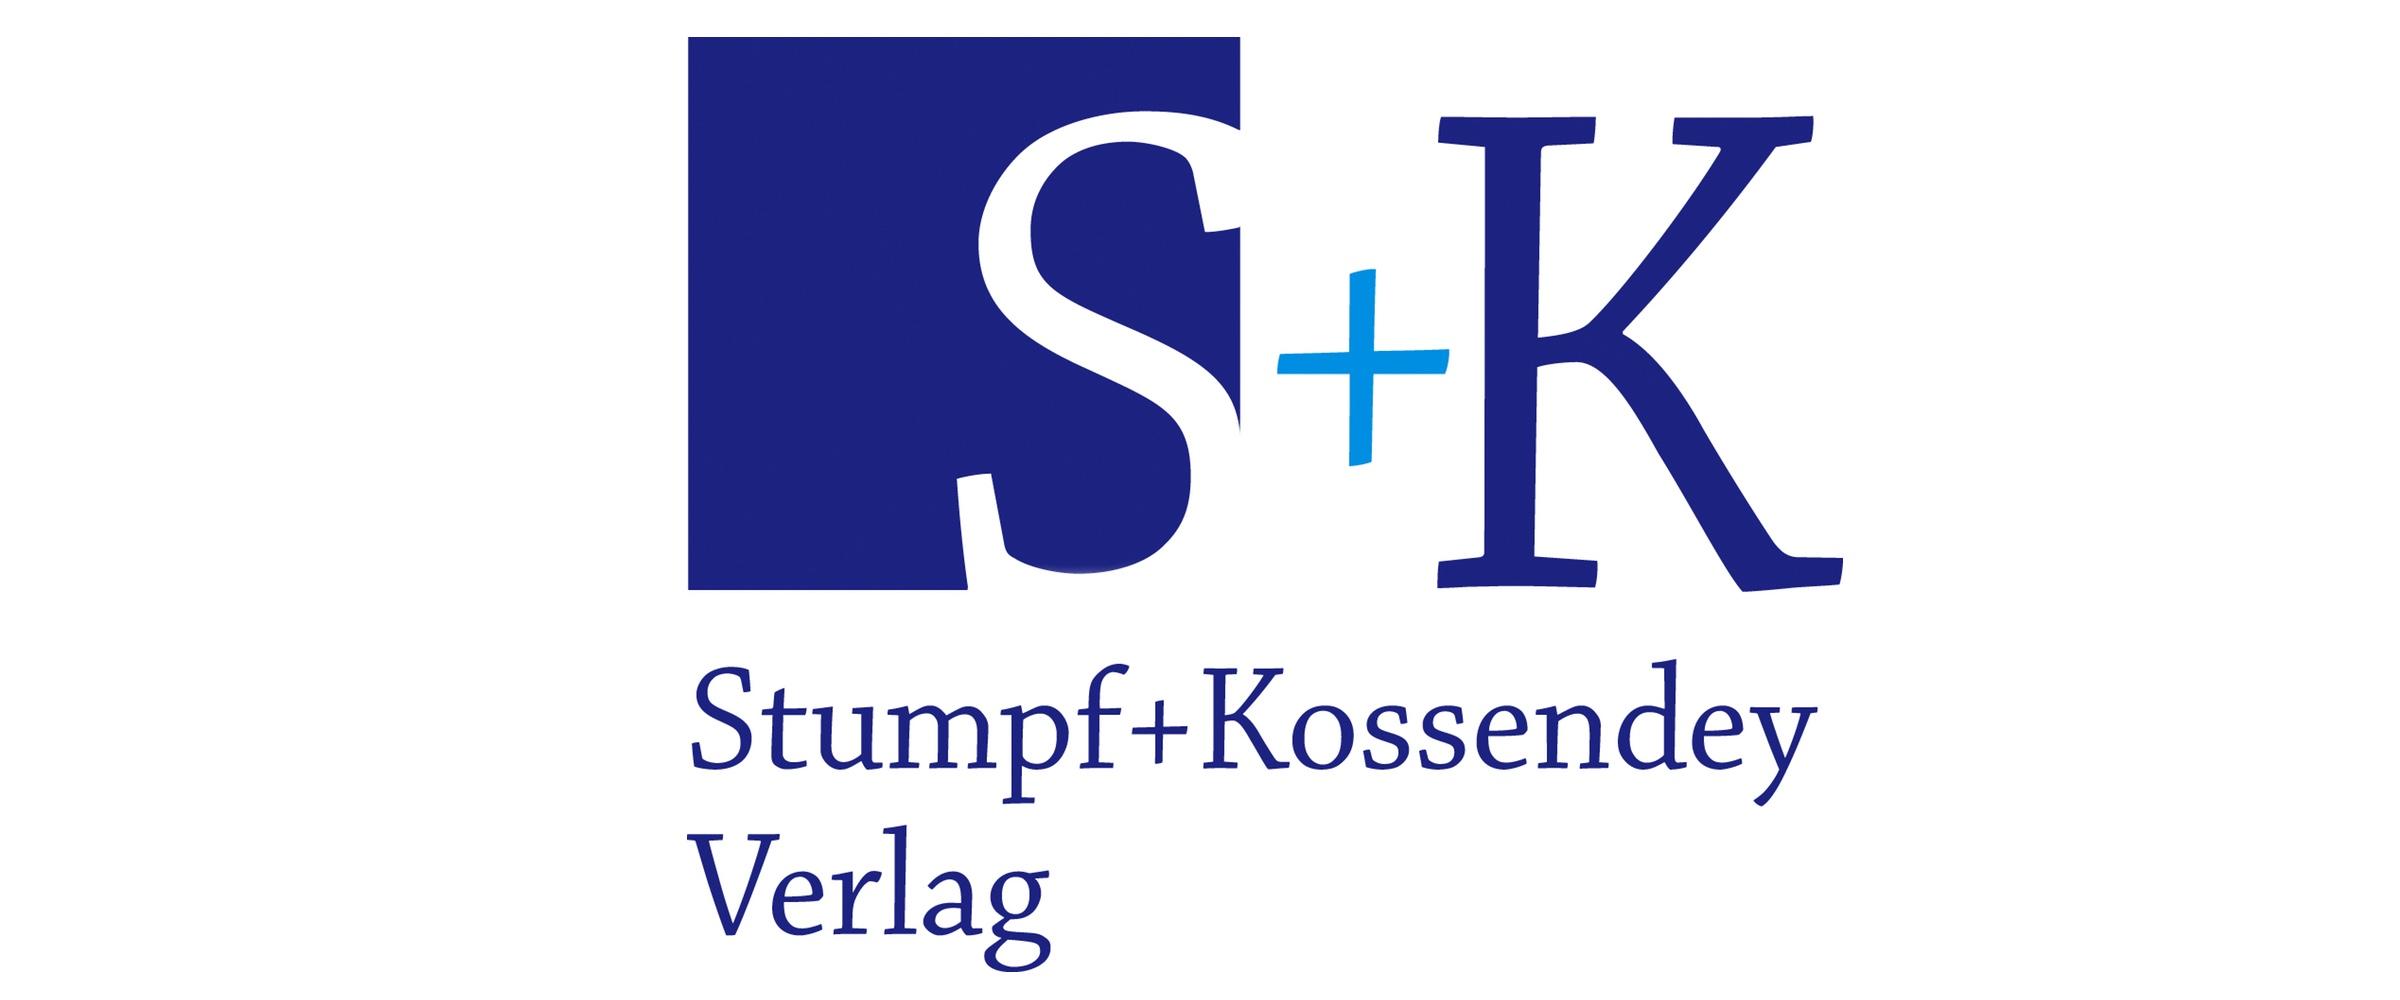 S+K-Verlag